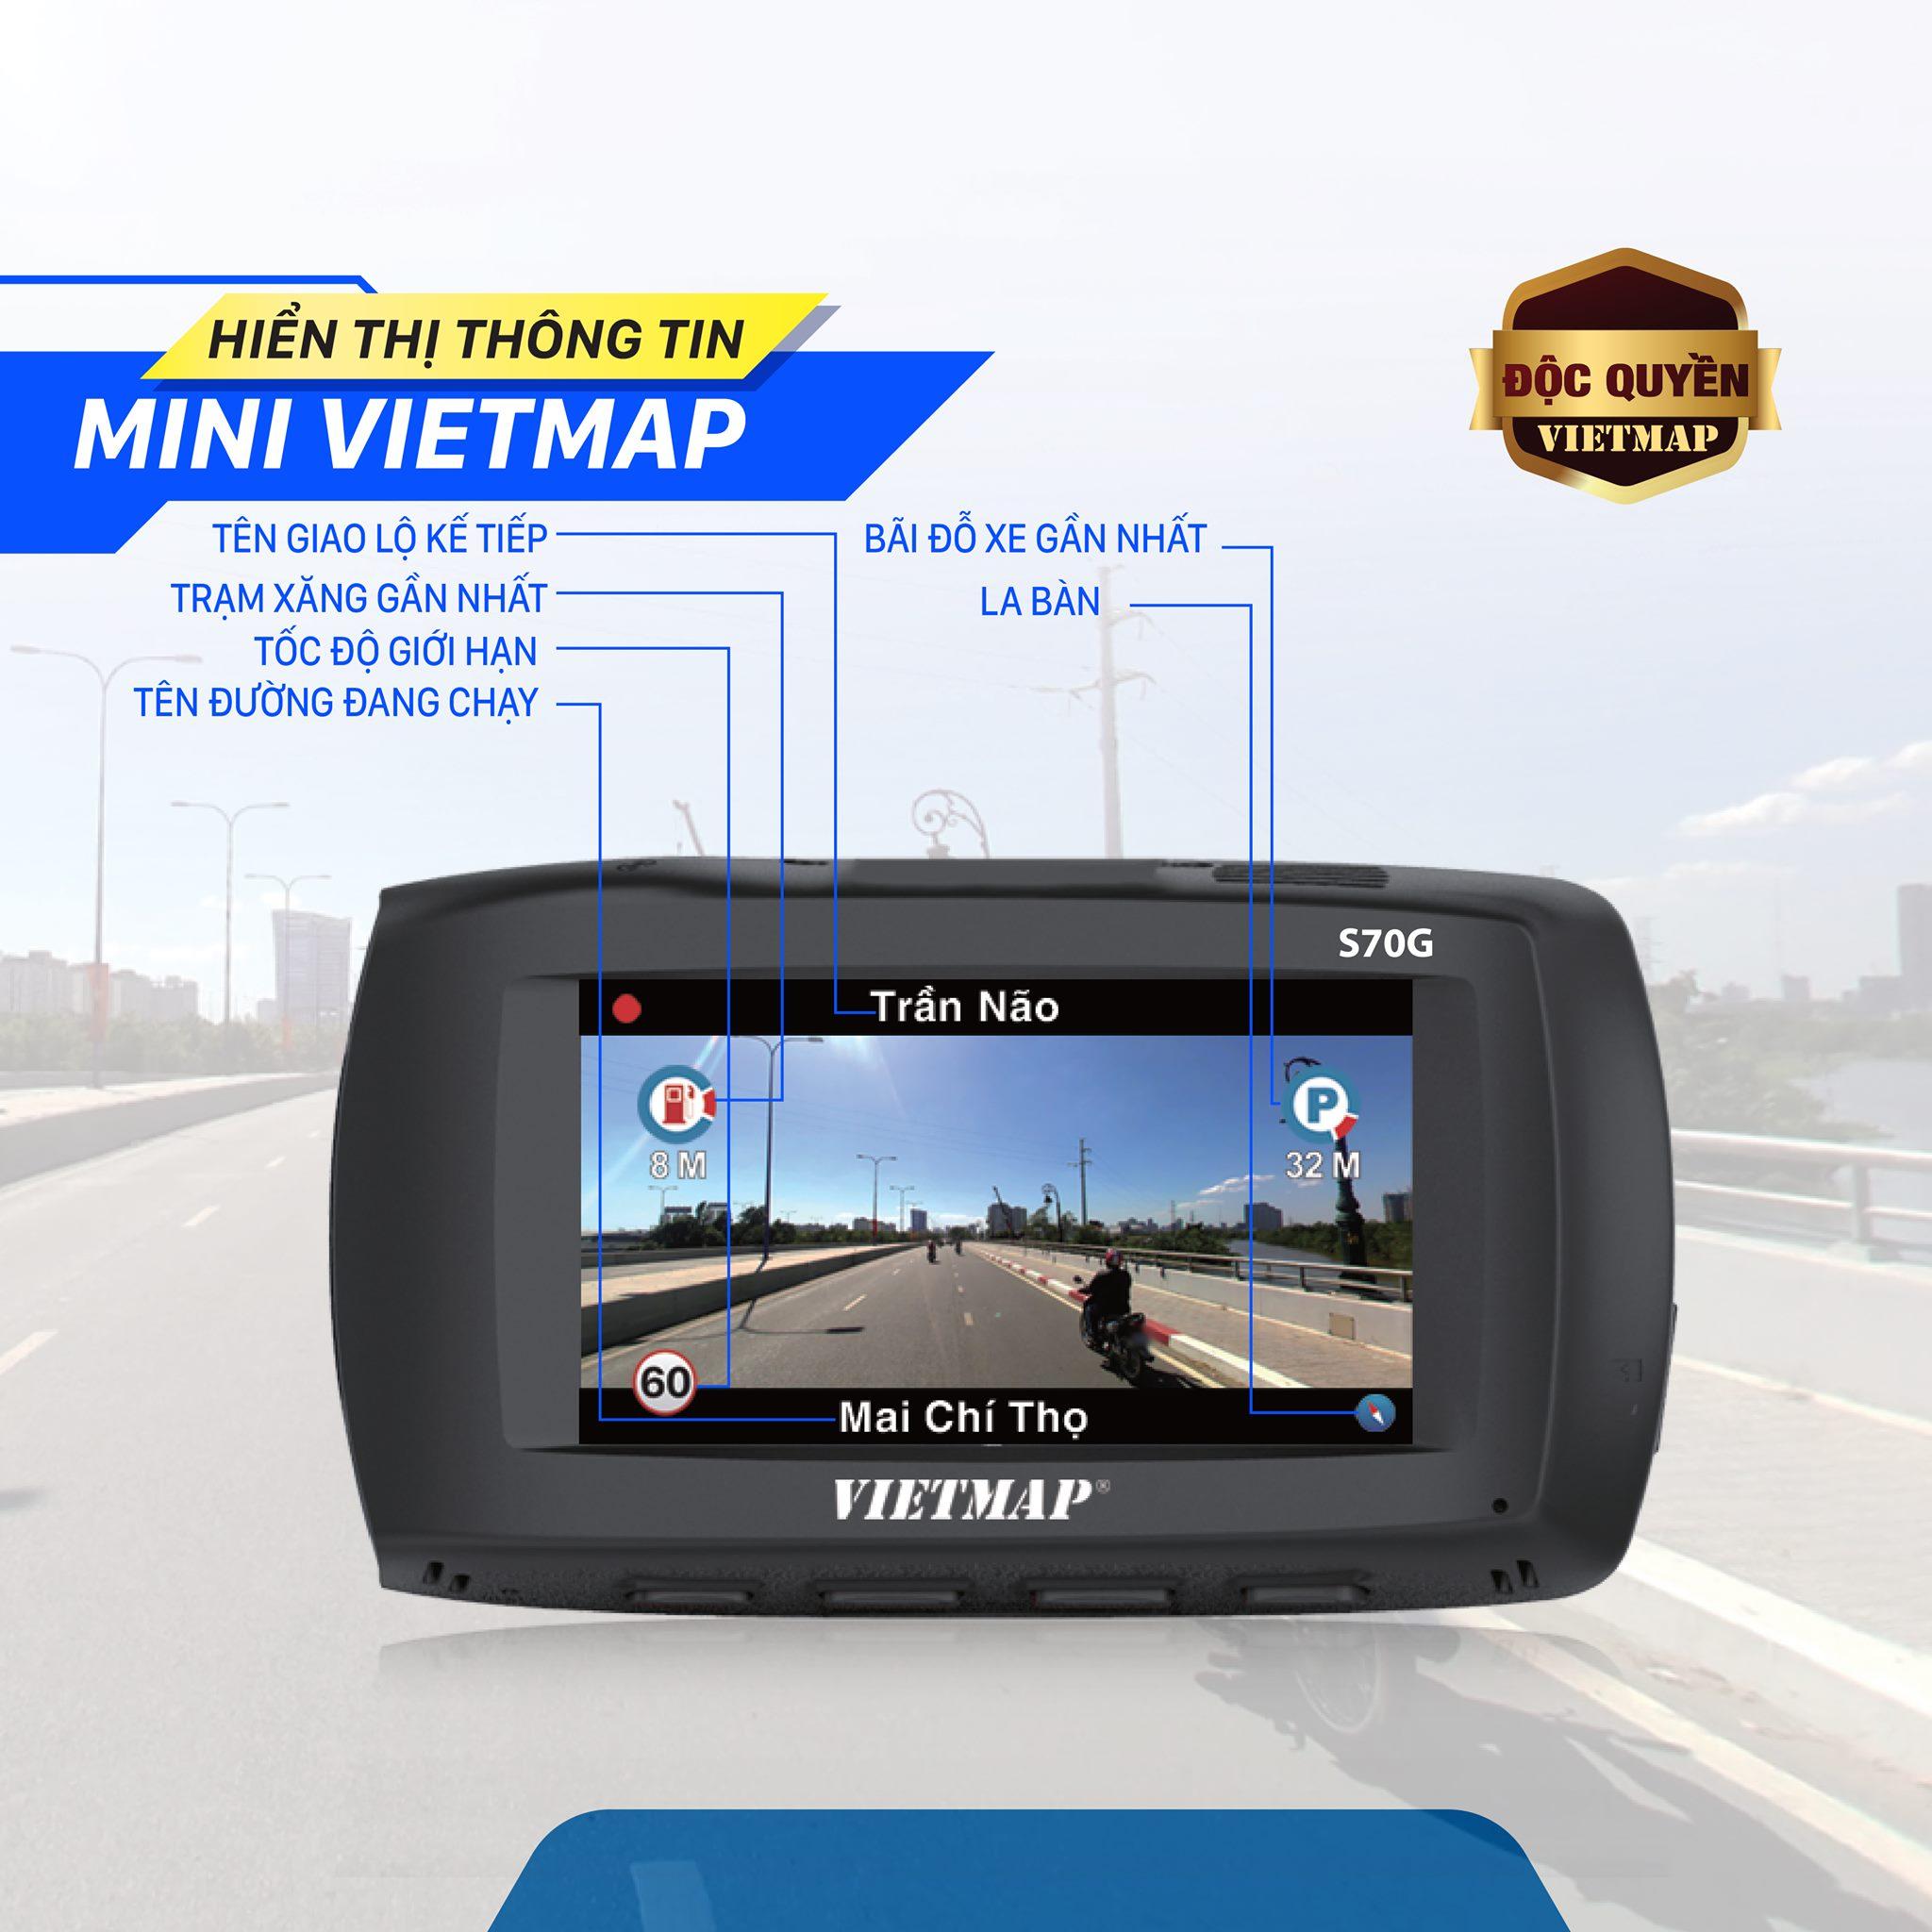 Tính năng độc quyền Mini Vietmap tích hợp trên S70G